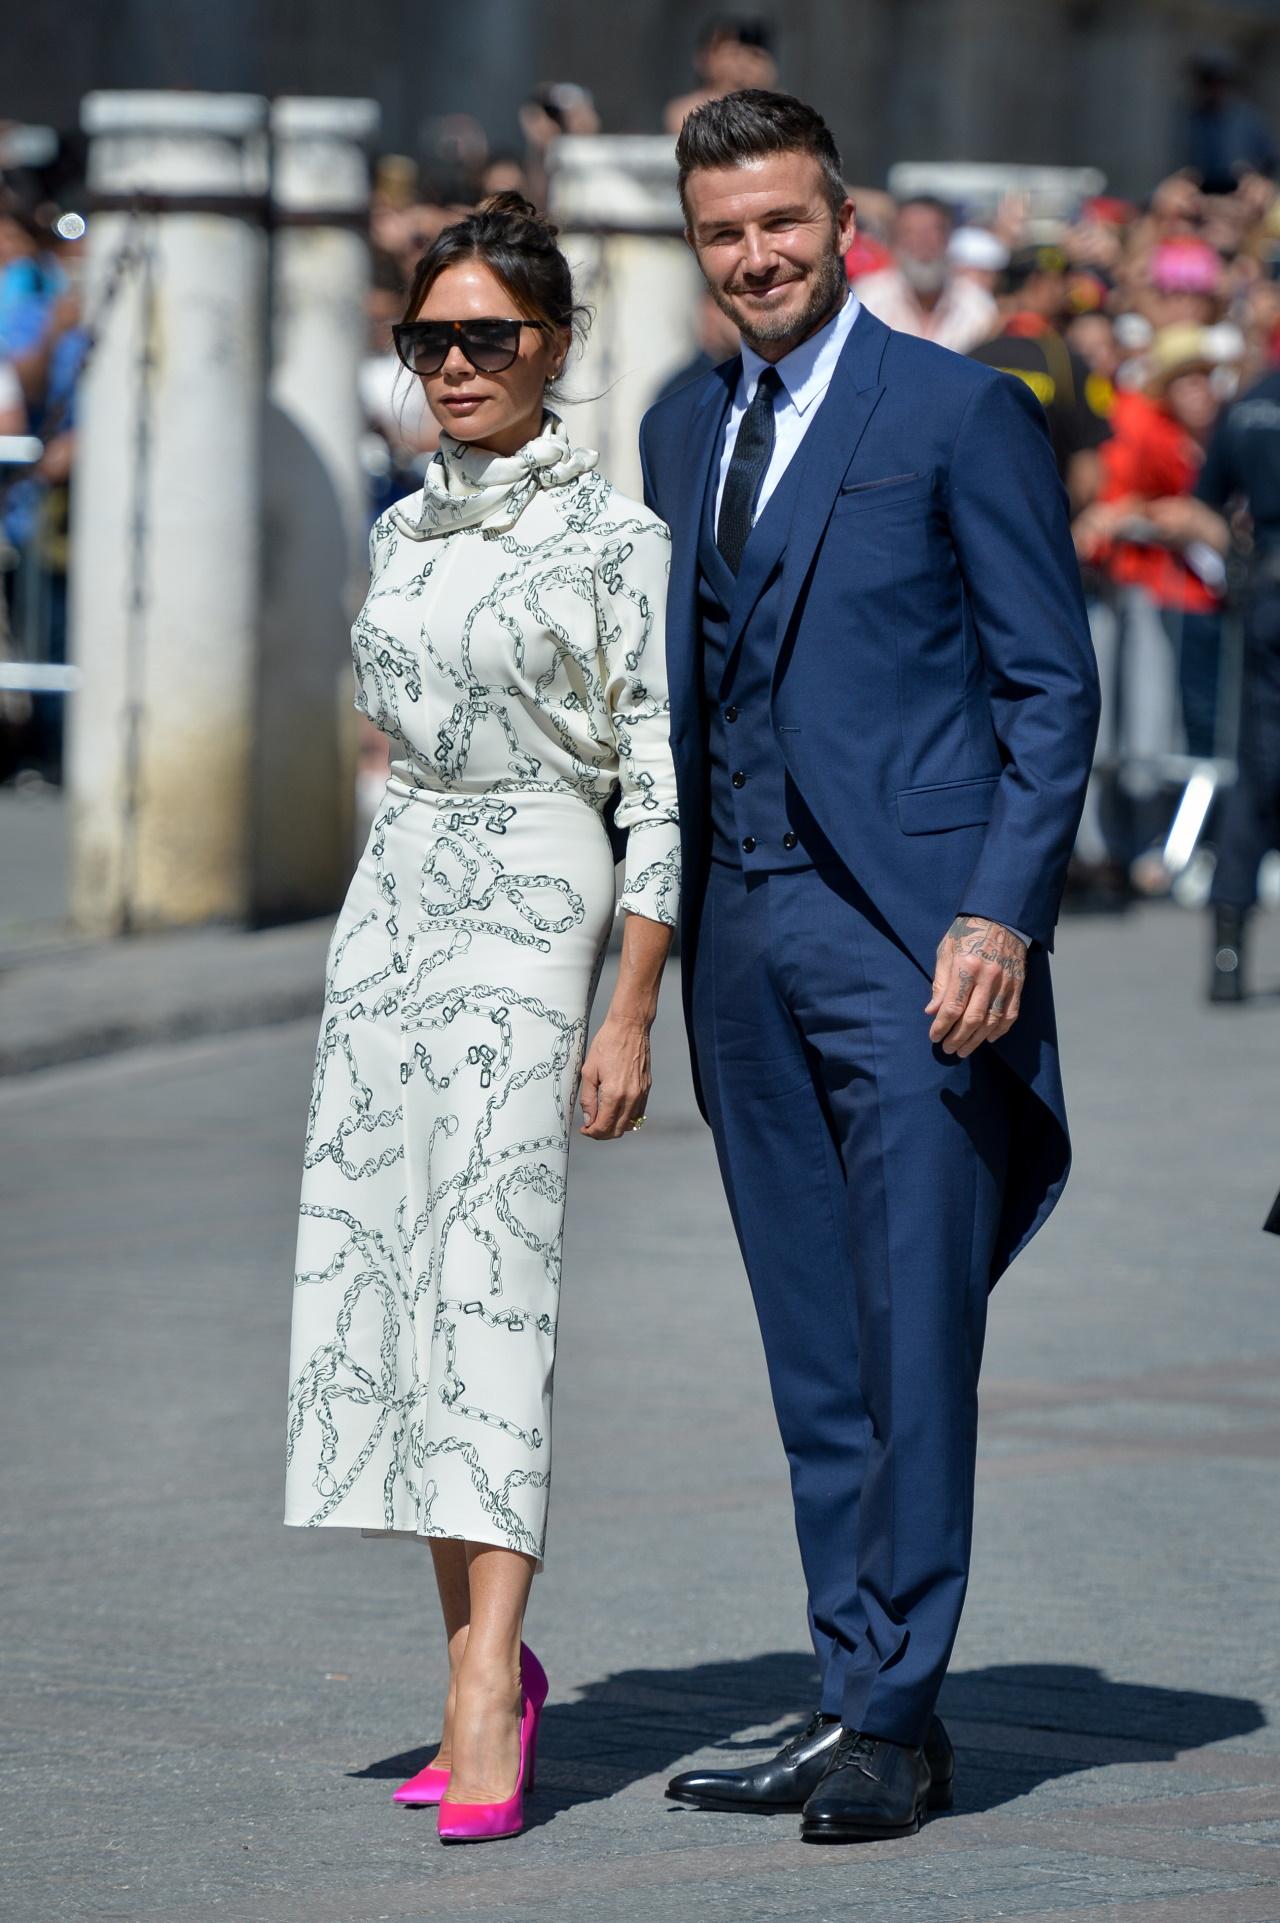 <p><strong>Виктория и Дейвид Бекъм</strong></p>  <p>Бившата певица и настоящ моден дизайнер Виктория и бившата футболна звезда Дейвид винаги са определяни като една от най-стилните двойки.</p>